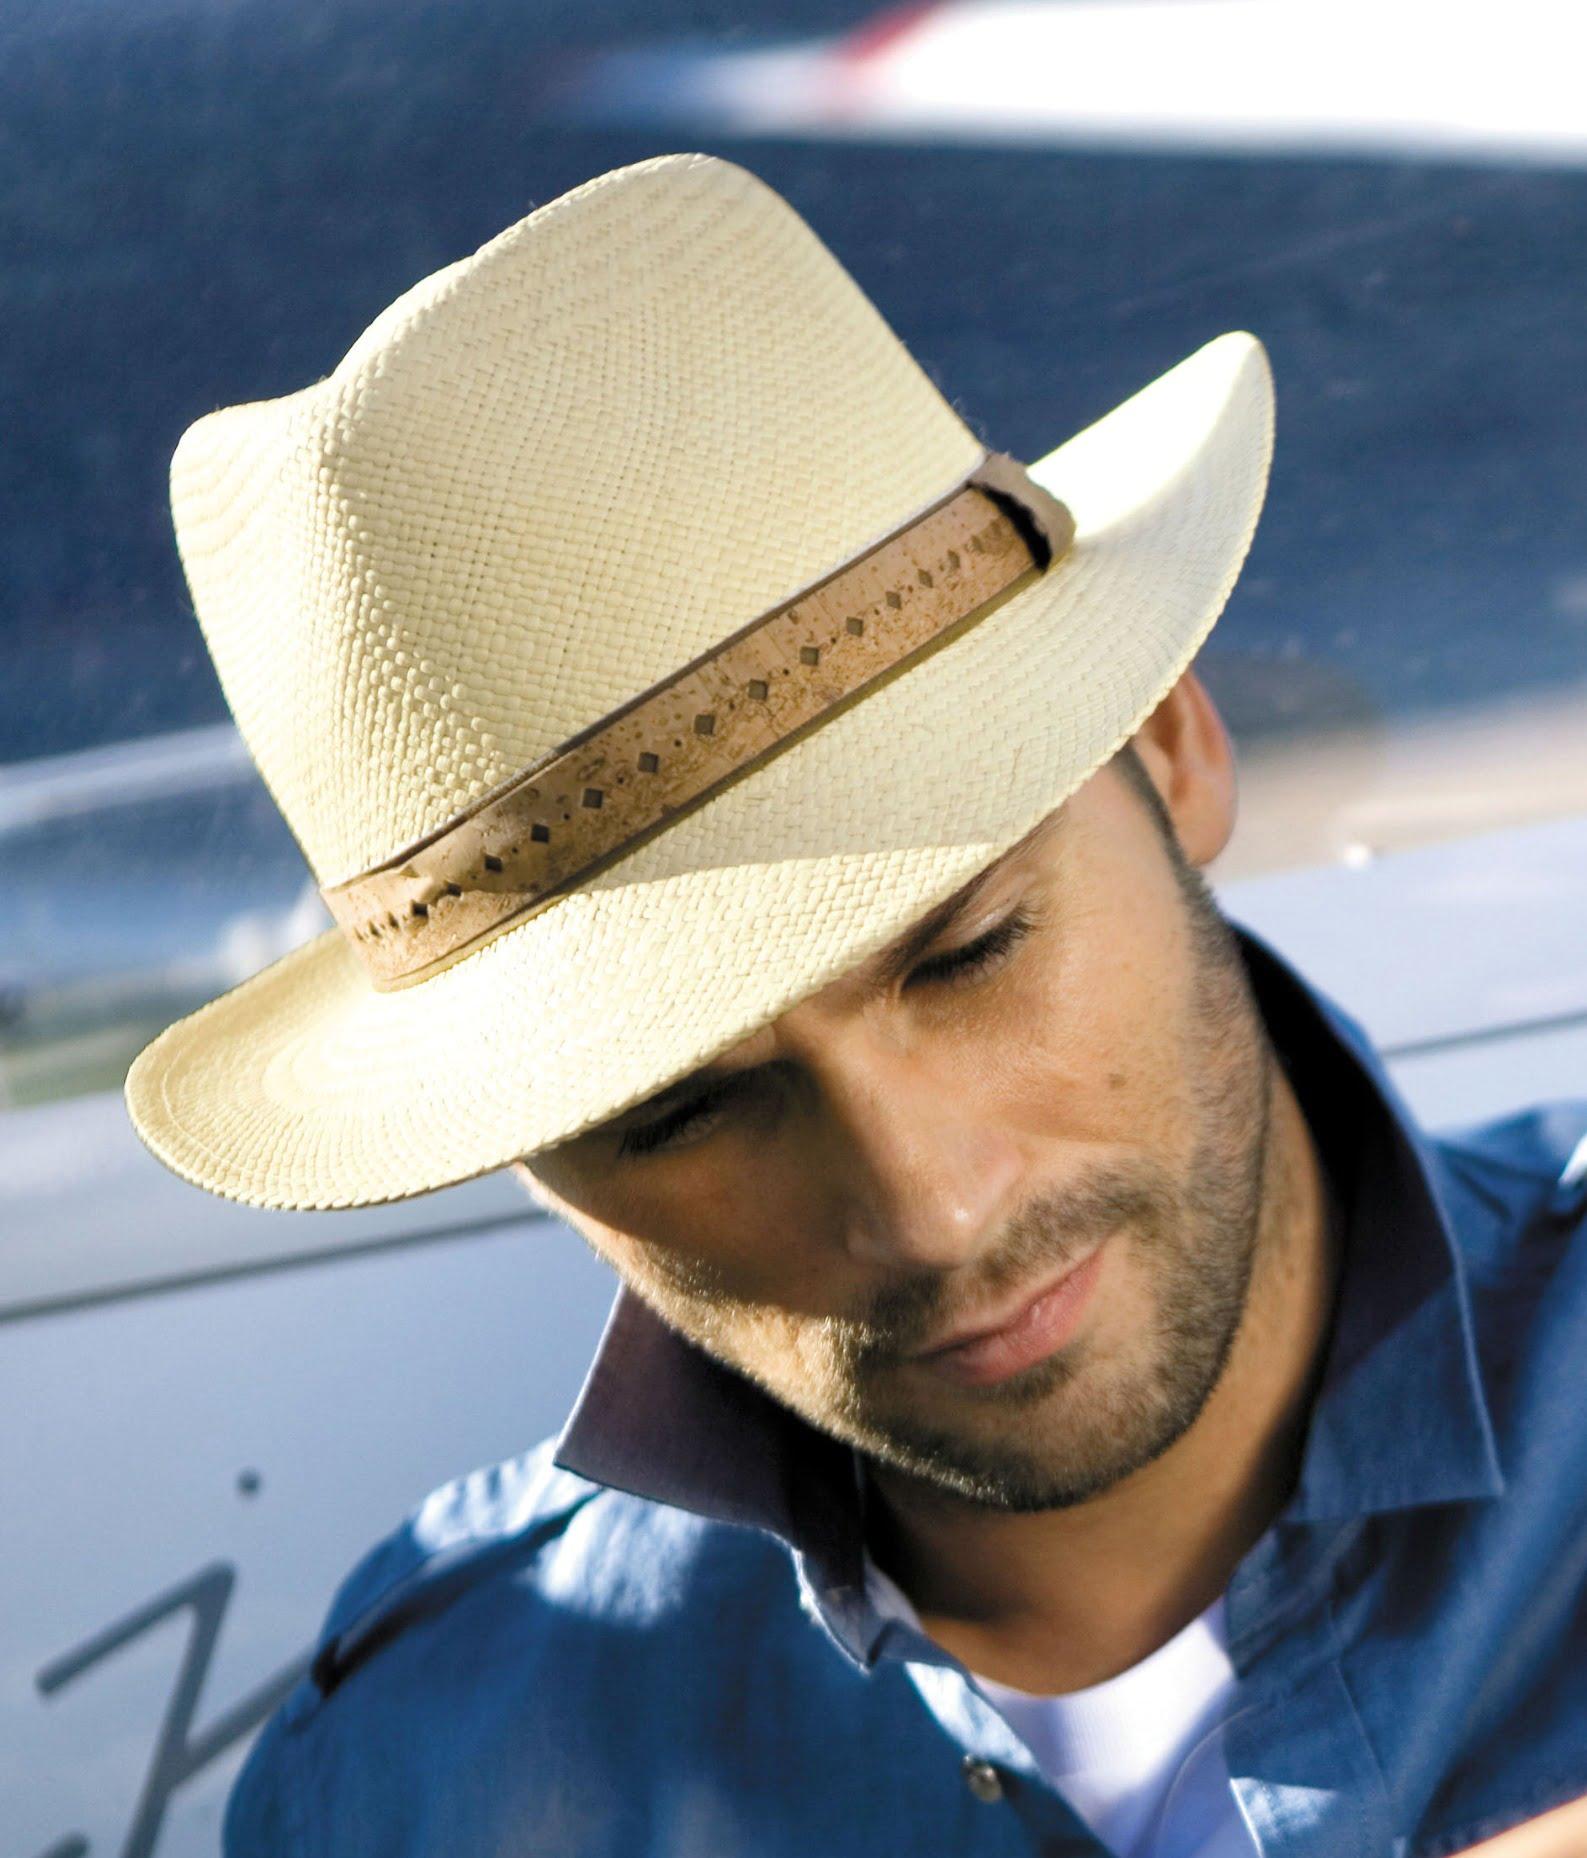 Pălărie pentru bărbați în tendințele modei din acest an, Foto: hatshop.ie